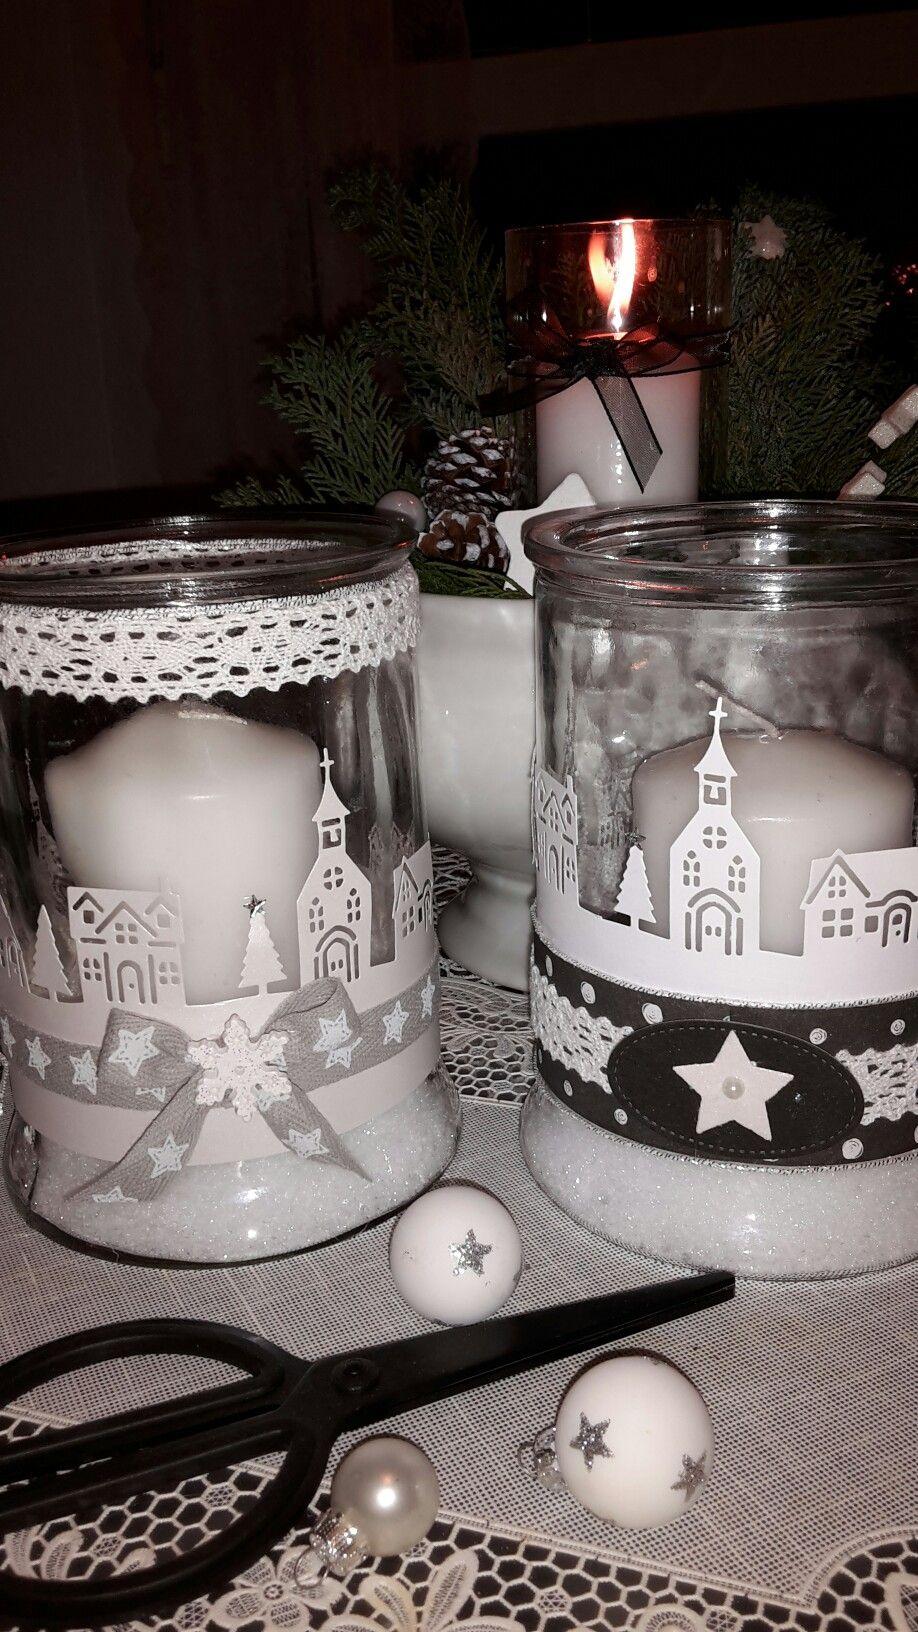 Juhuuuuu - die 1. Weihnachtsgeschenke für Lehrer sind fertig ...